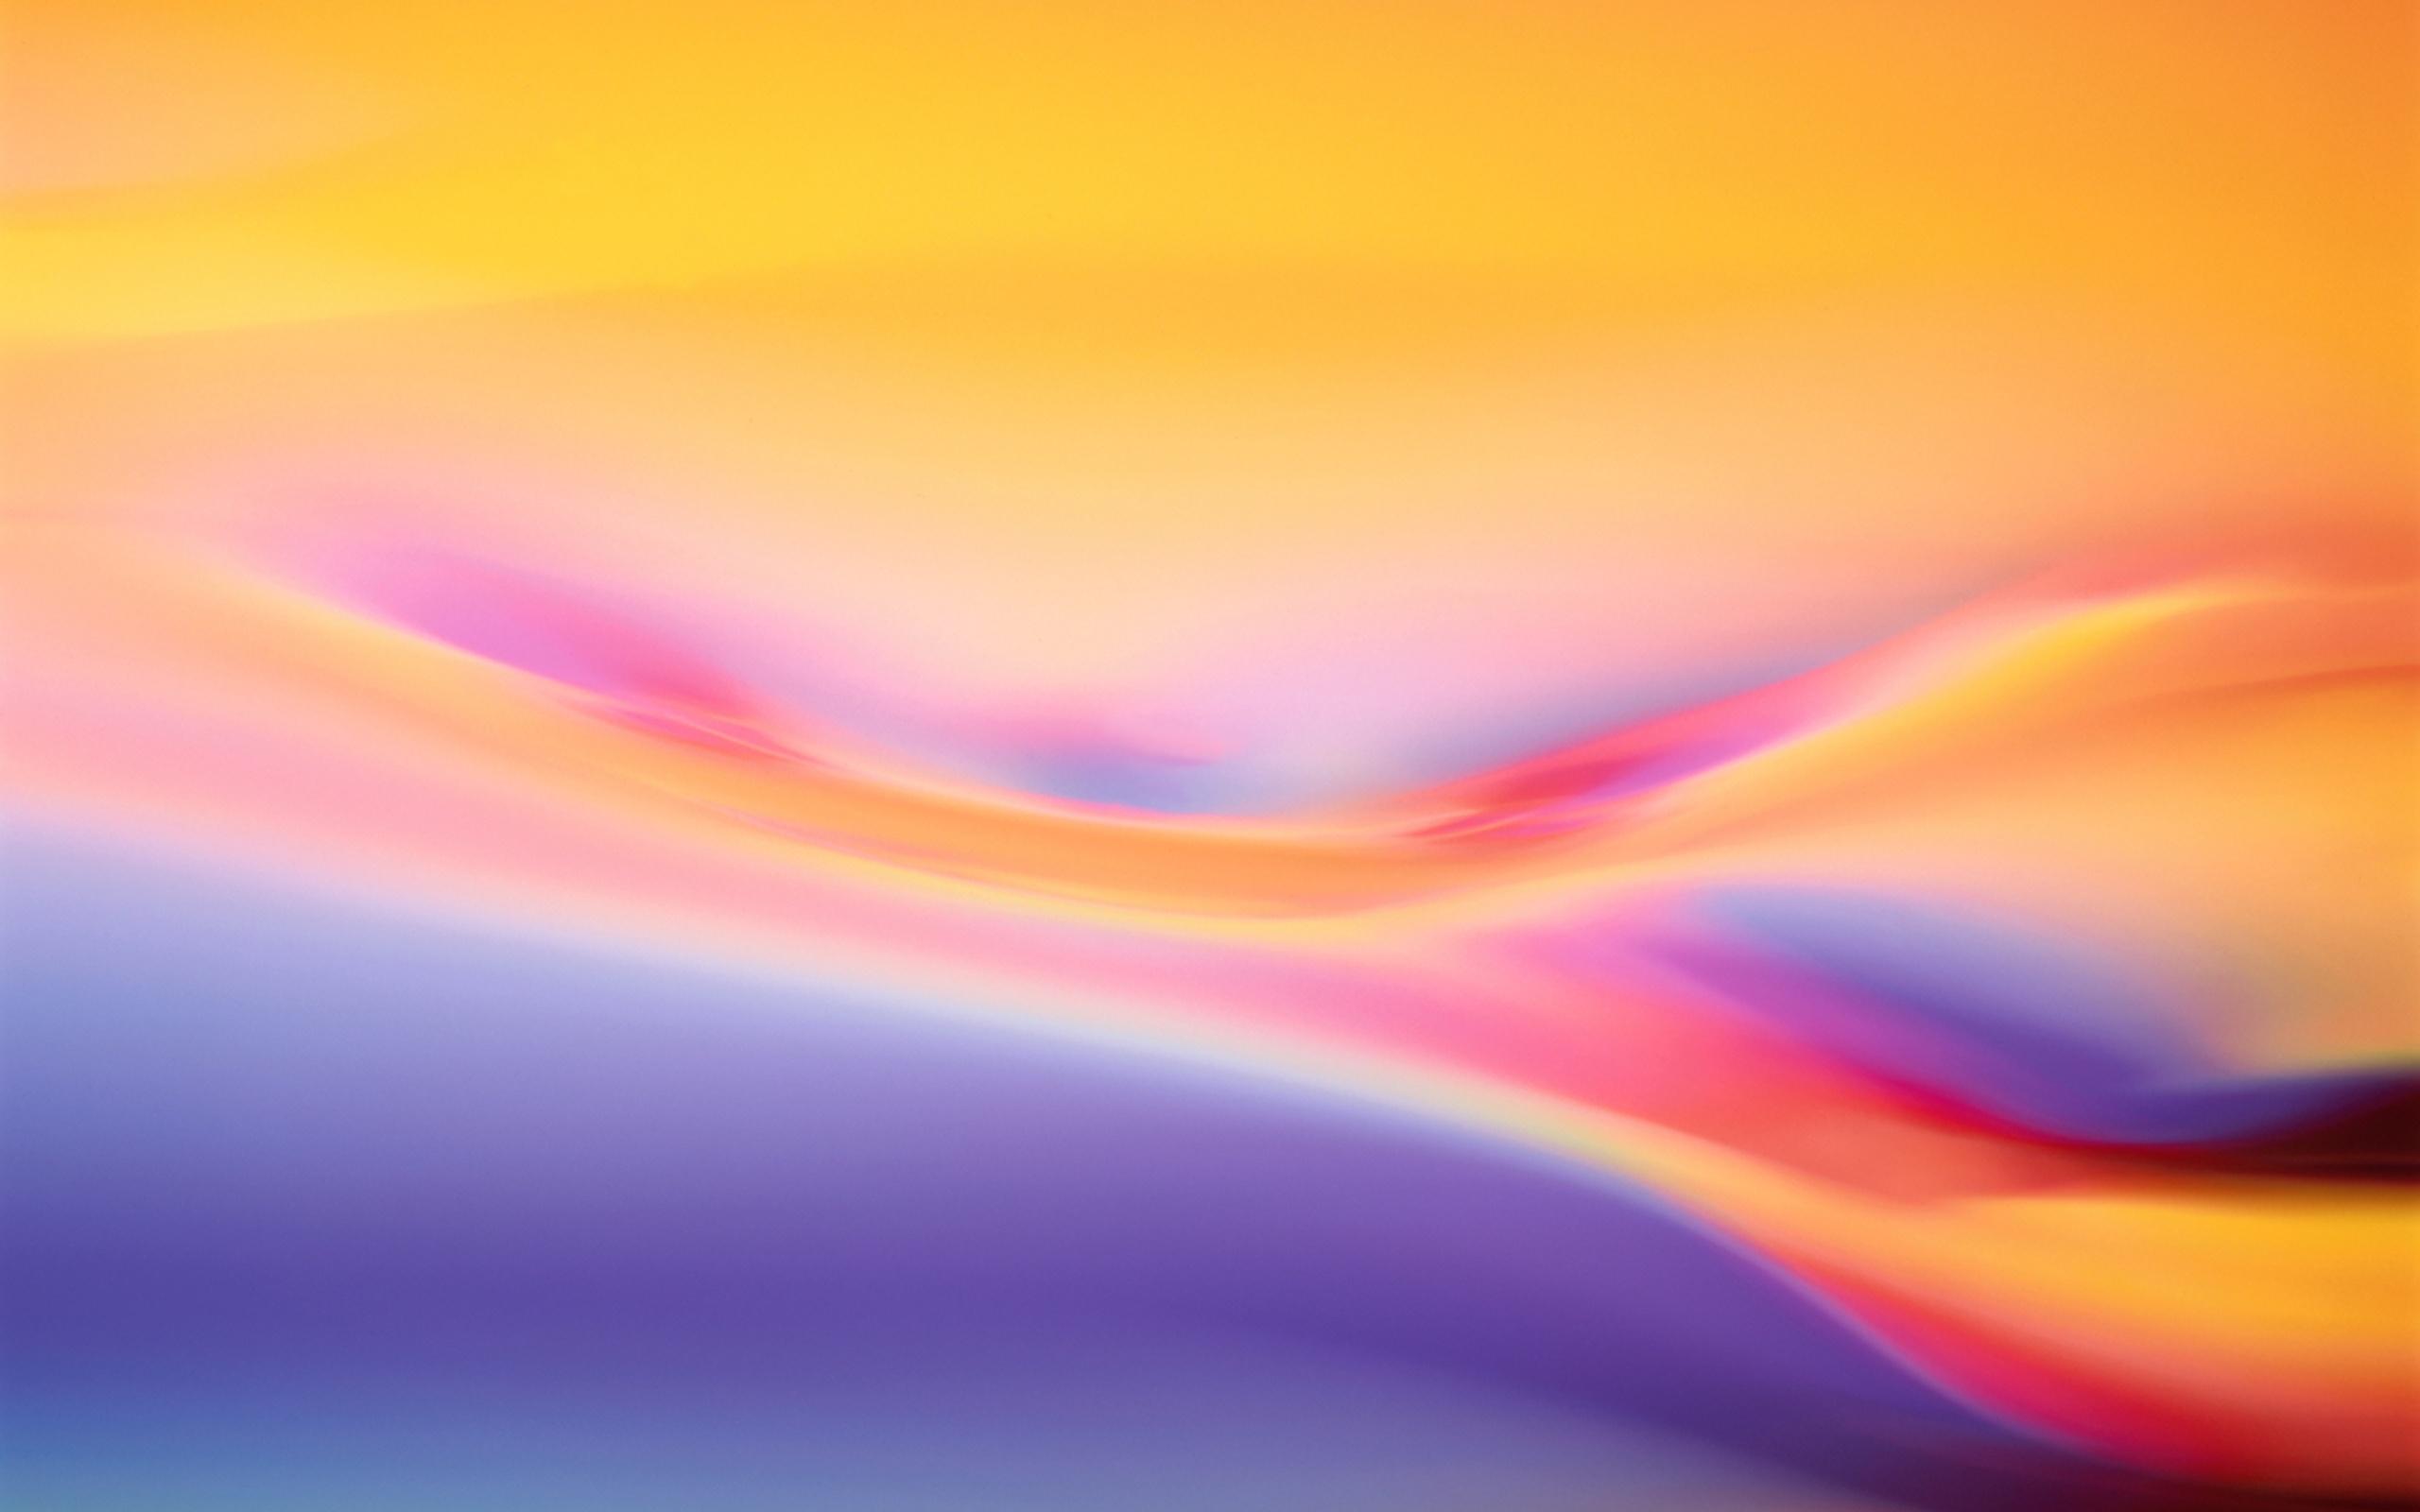 Abstract Background, Die Warmen Farben Der Kurve 2560x1600